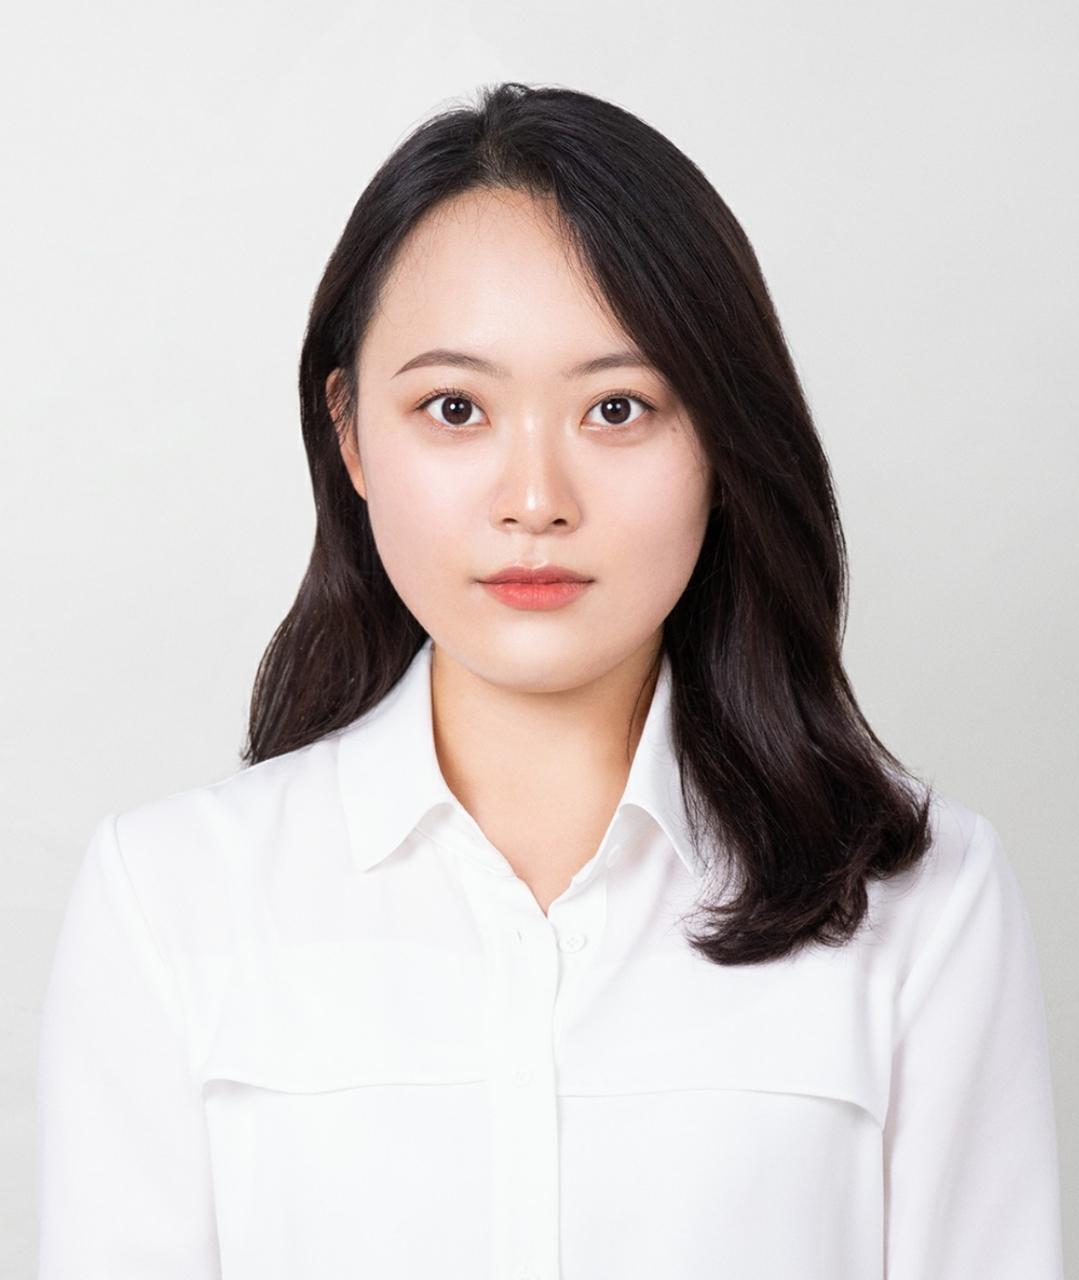 김문수 우리은행 자산관리컨설팅센터 세무사